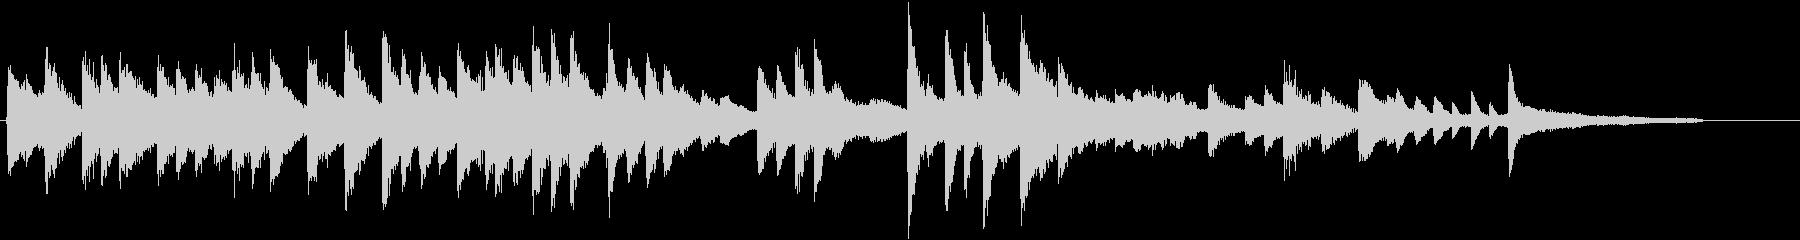 証城寺の狸囃子モチーフのピアノジングルDの未再生の波形